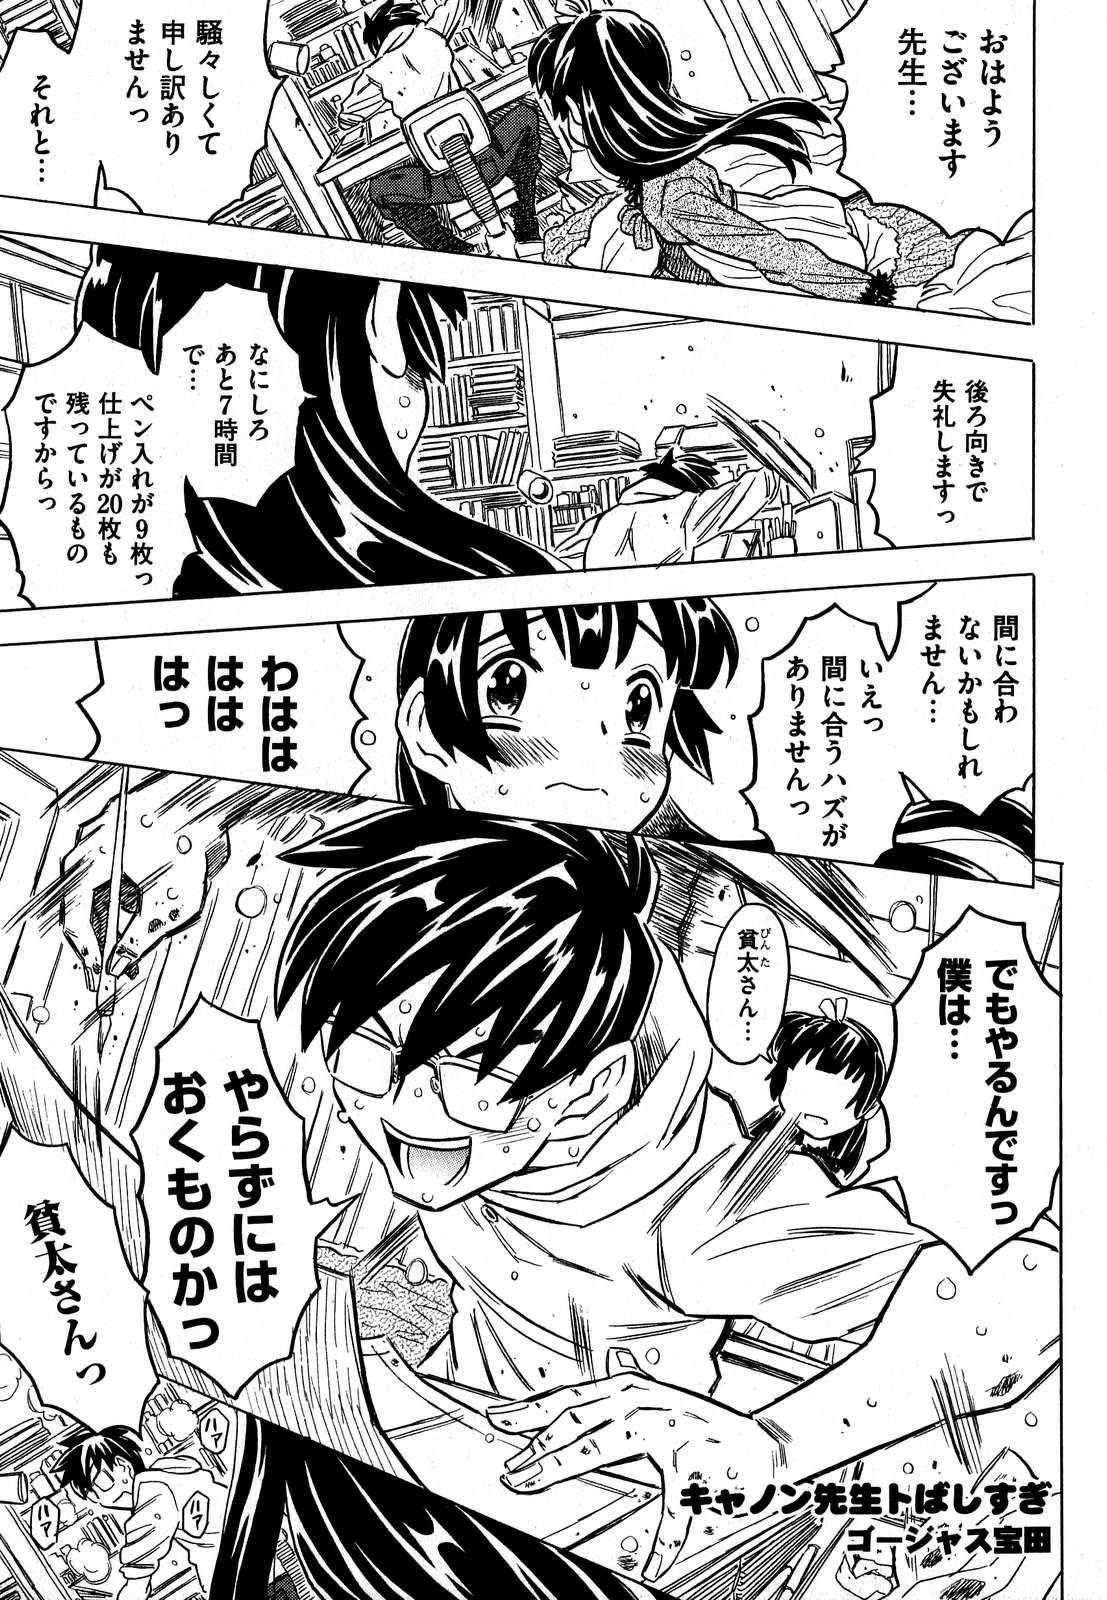 COMIC XO 2007-09 Vol. 16 30